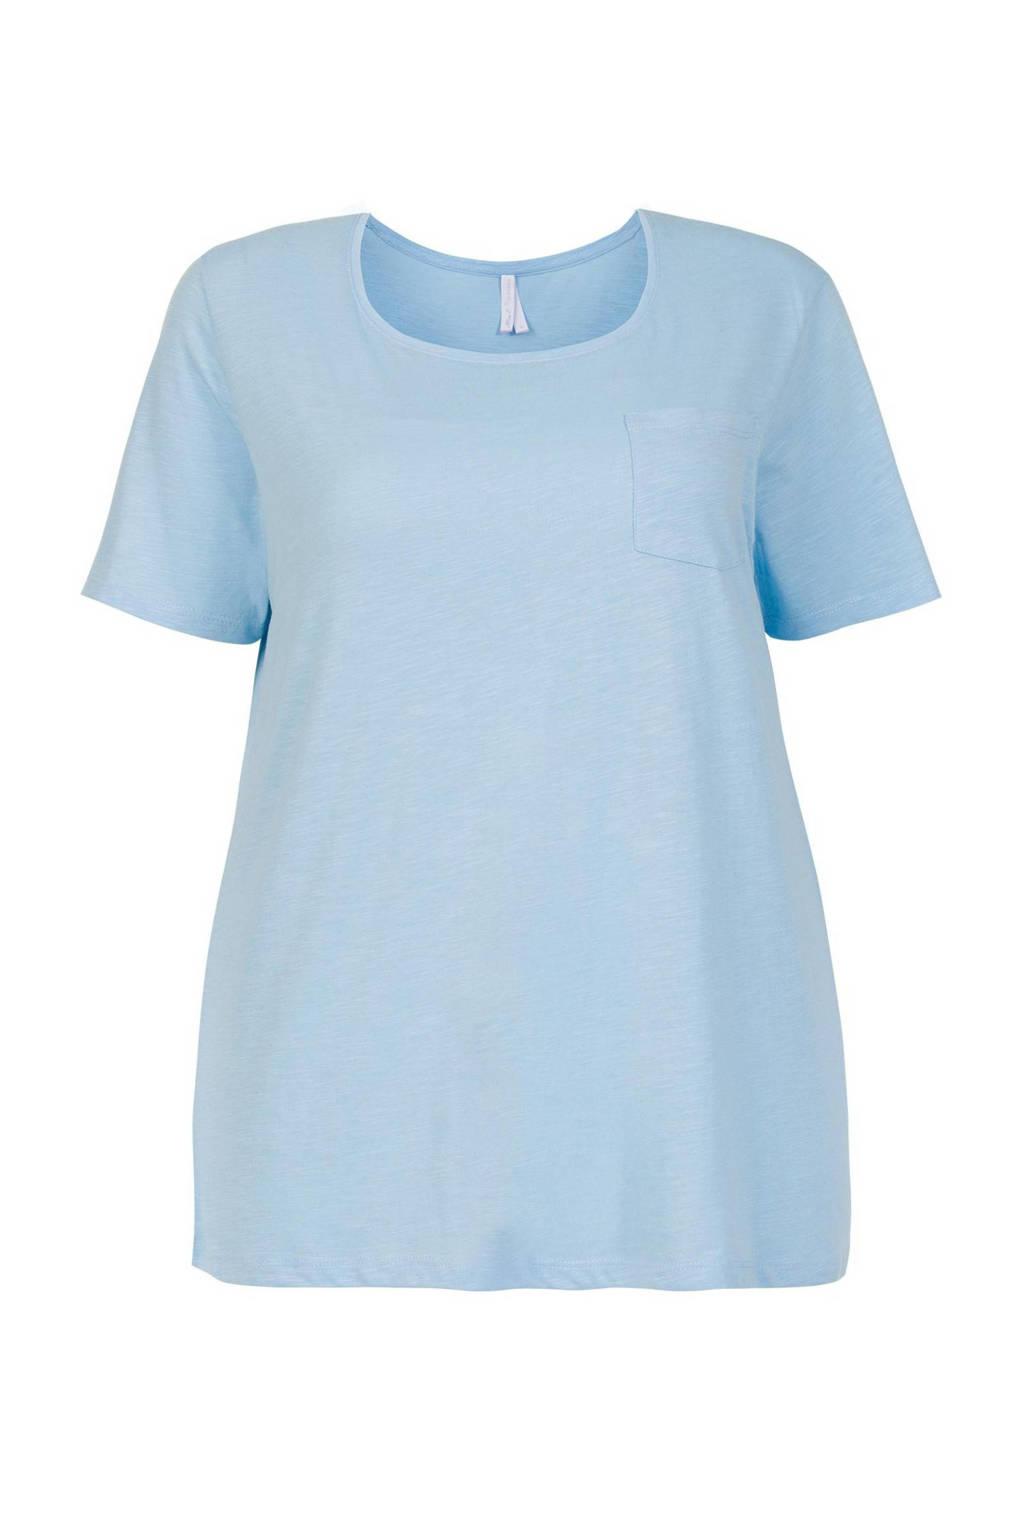 Miss Etam Plus T-shirt lichtblauw, Lichtblauw